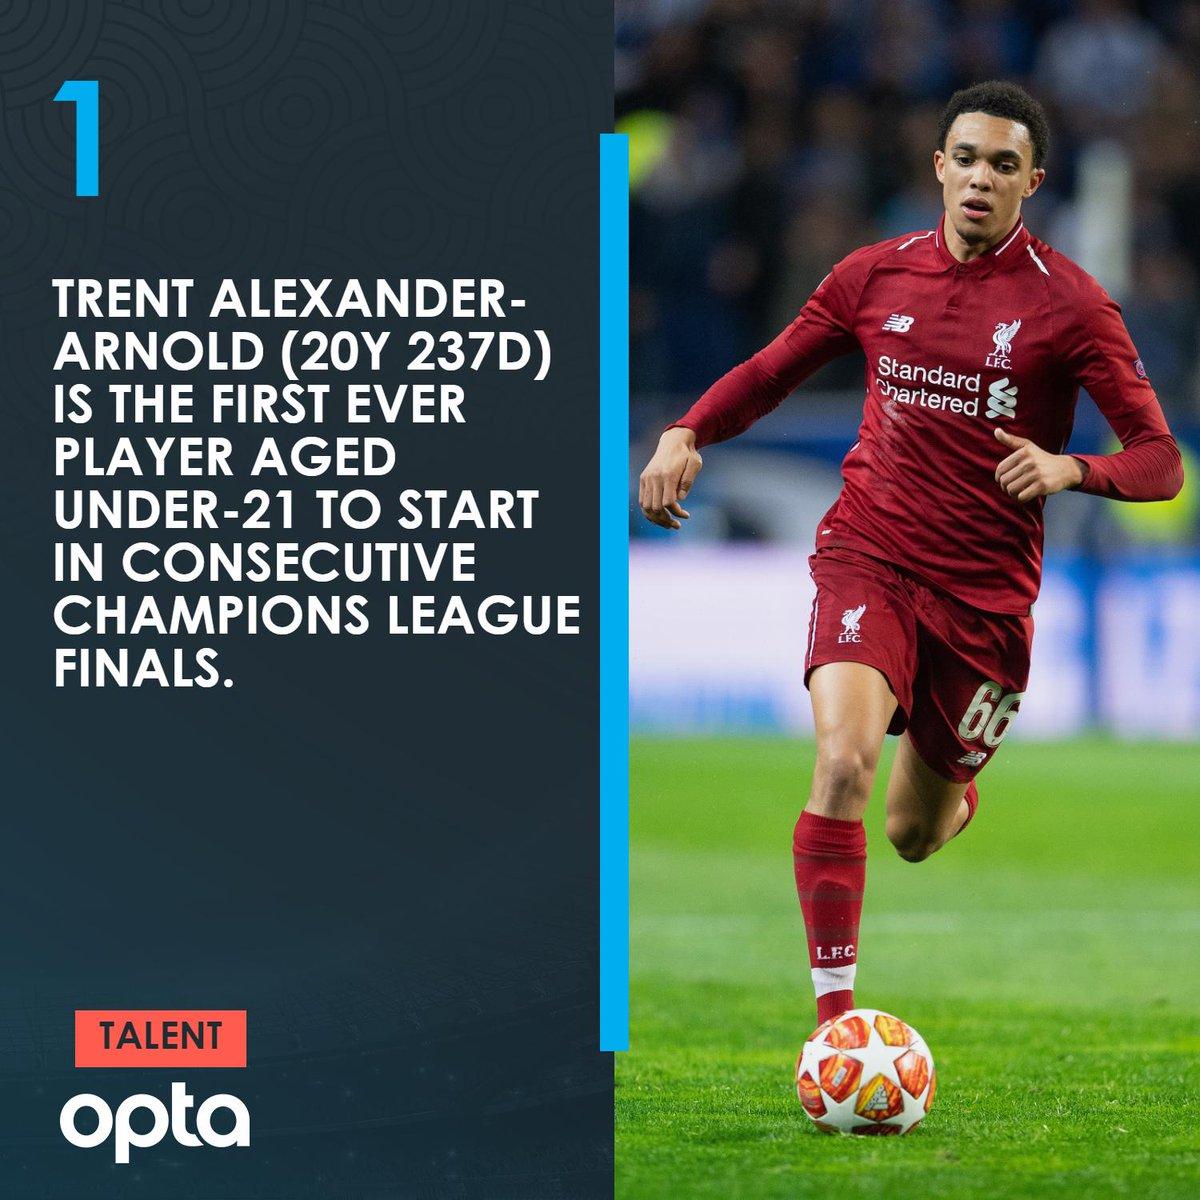 连续两年欧冠决赛首发! 阿诺德成首位做到的U21球员